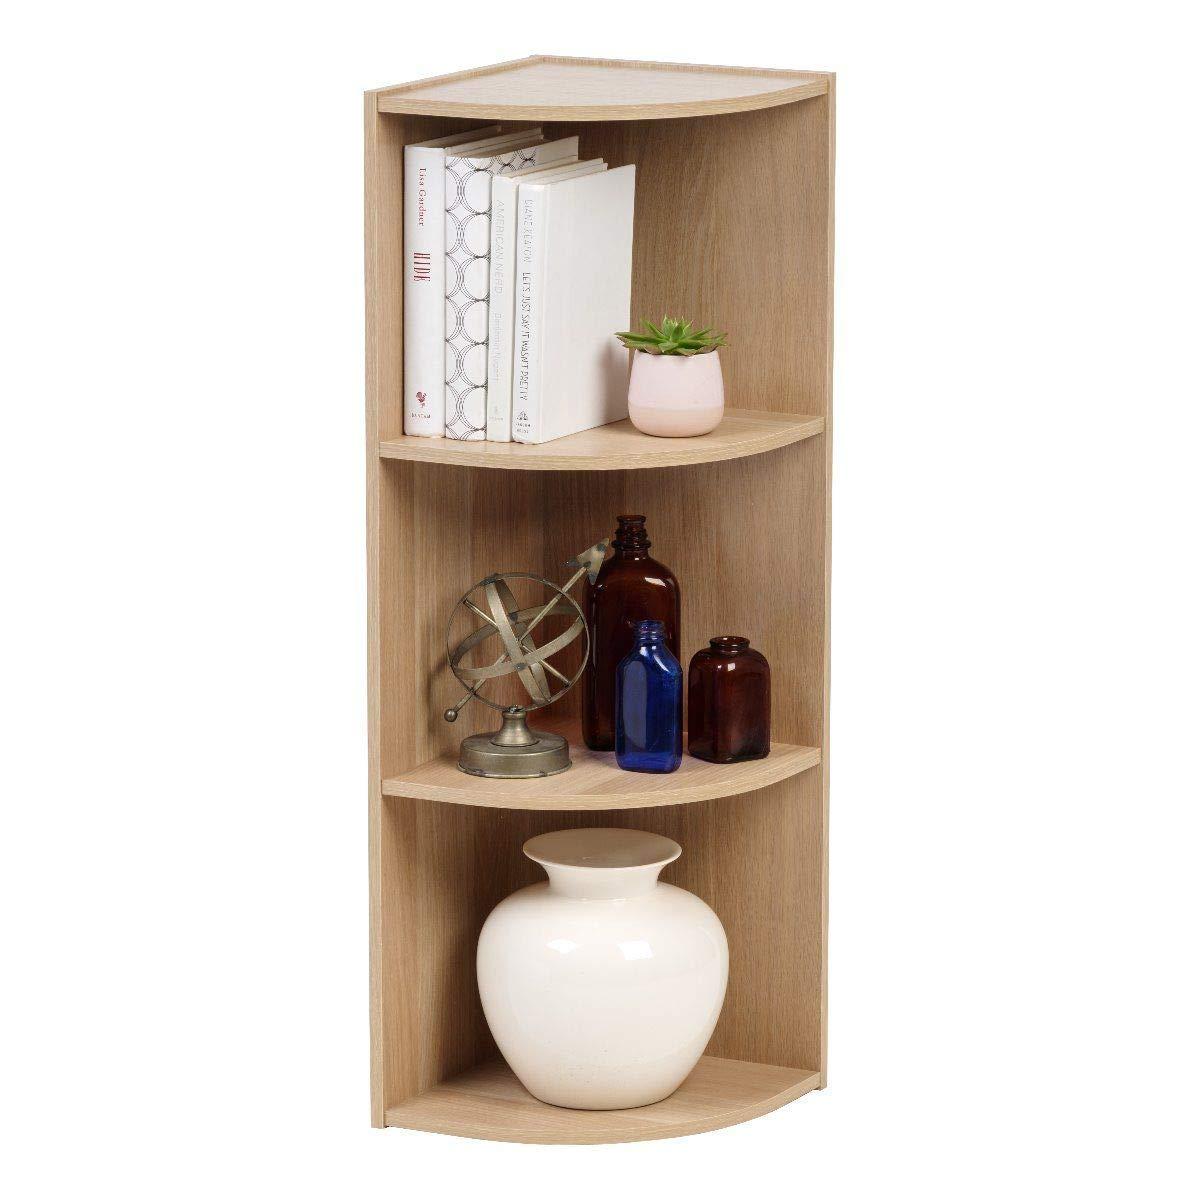 beige Iris Ohyama Ripiani ad angolo 3 nicchie // 3 scaffali in legno 29 x 29 x 87,2 cm Corner Shelf CX-3C